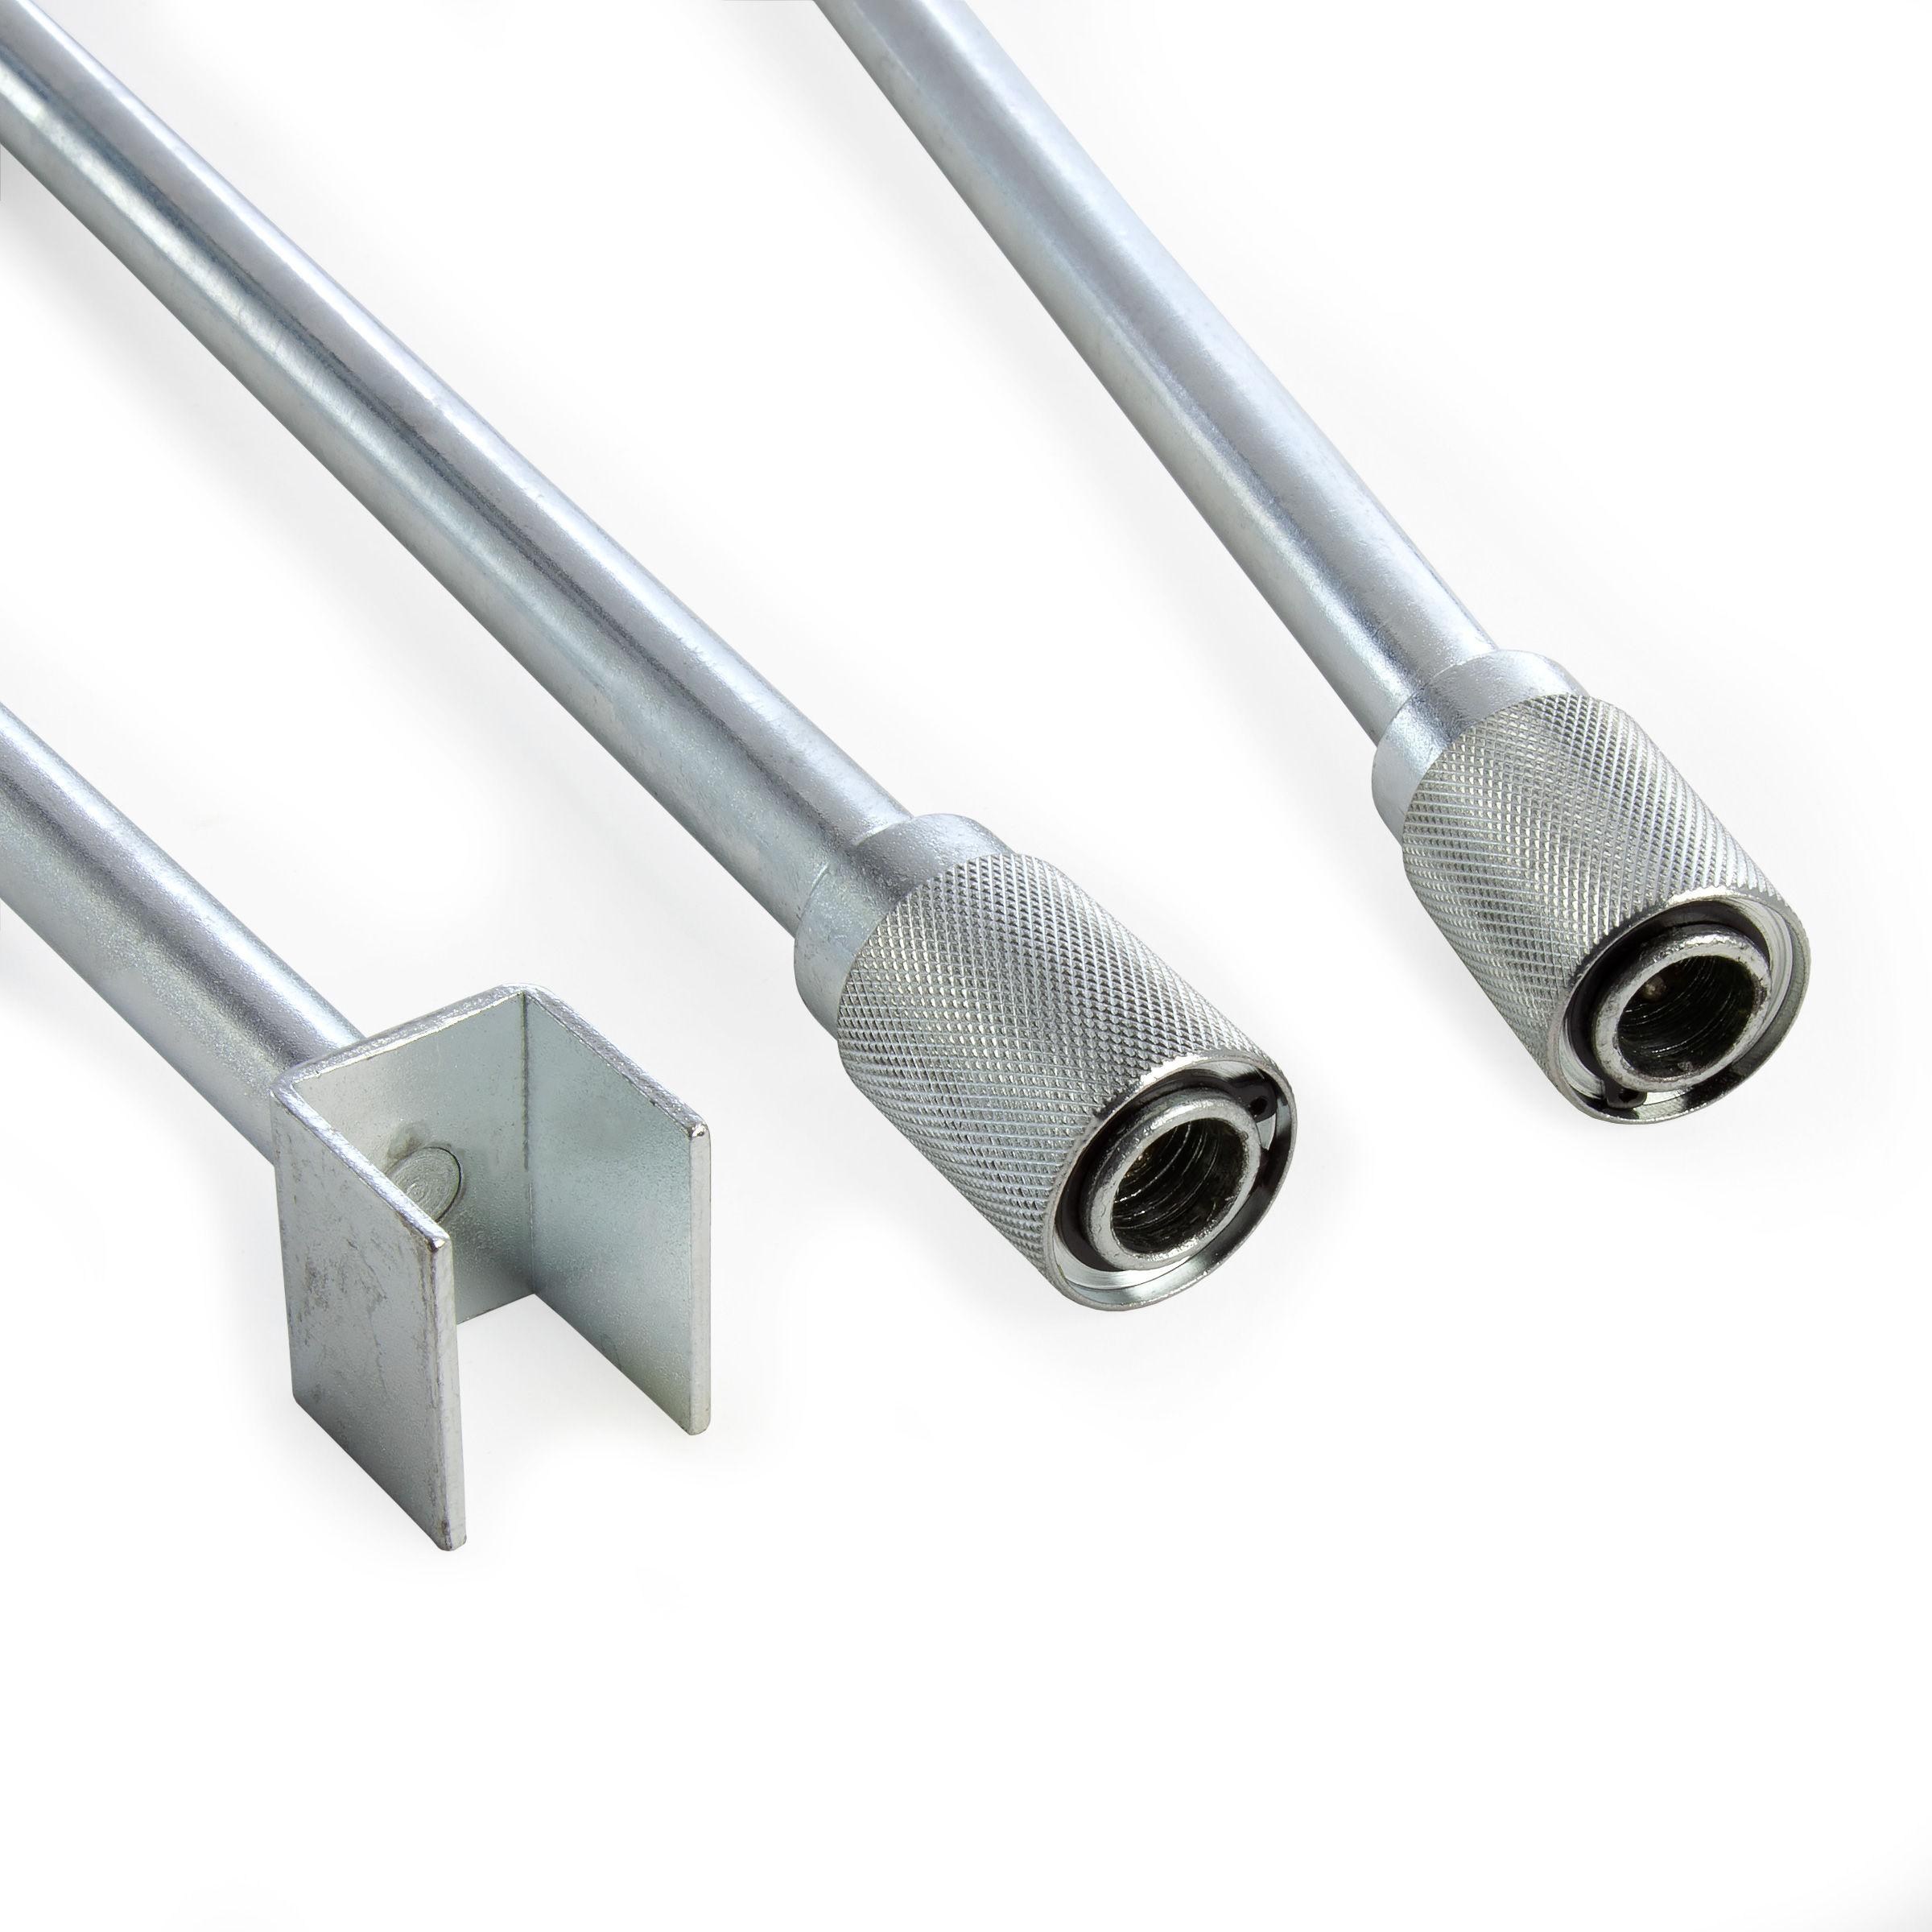 Metex KEY001 UNIKEY Universal Manhole Cover Lifting Key Kit